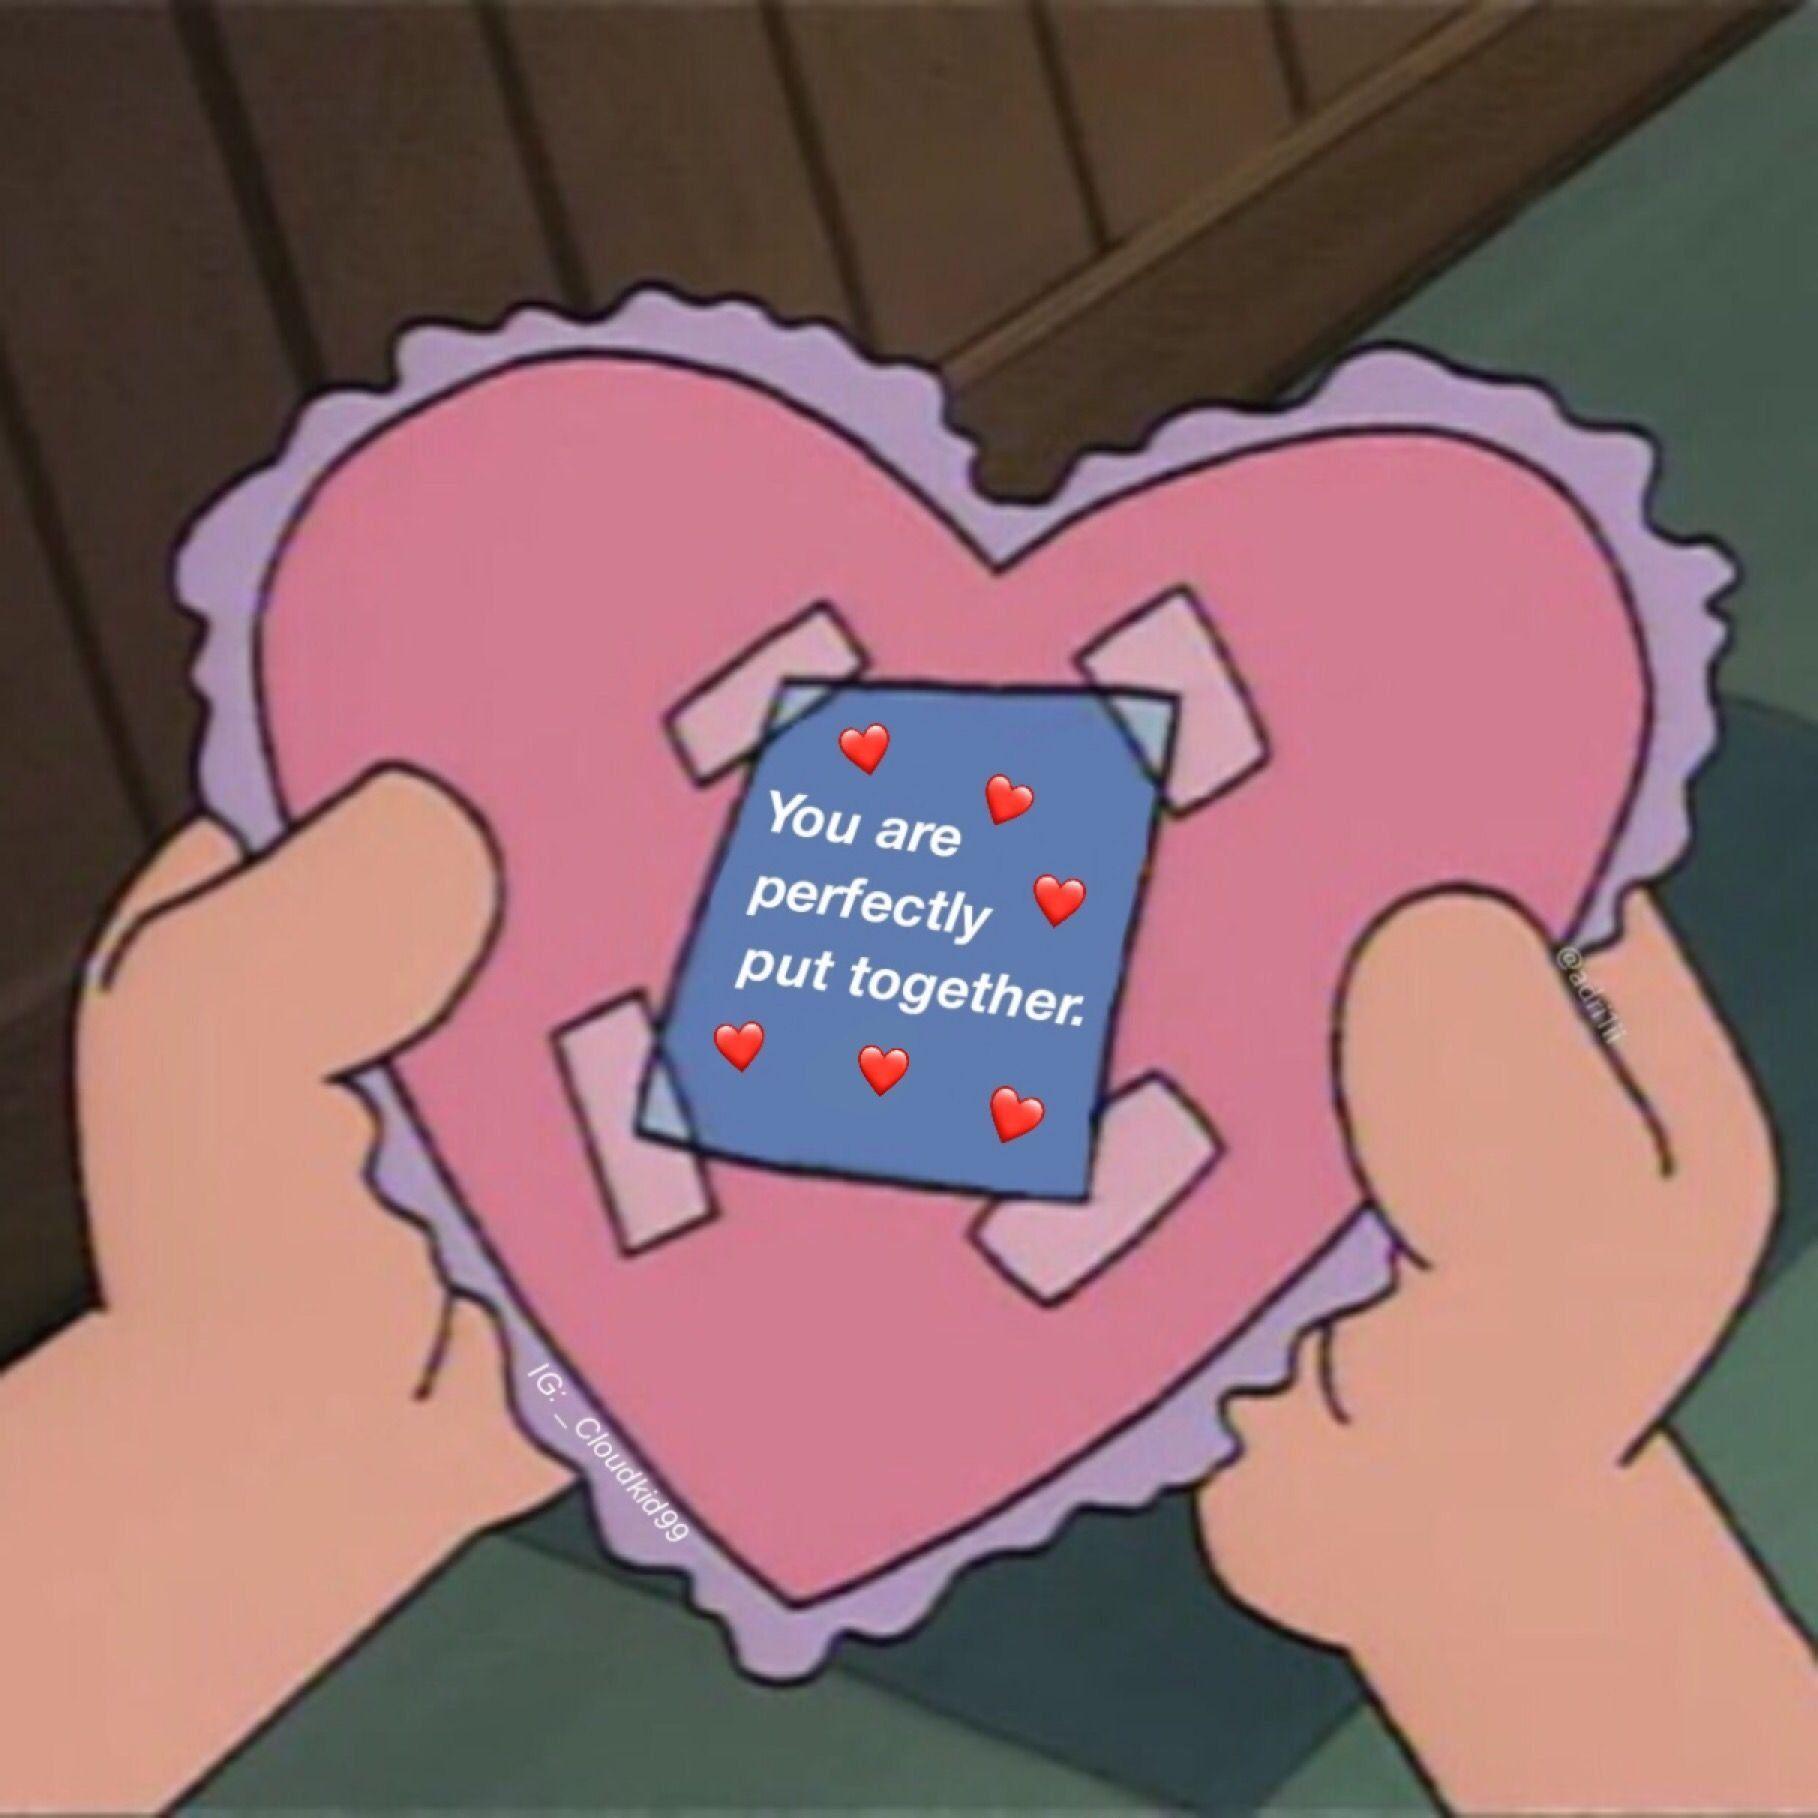 Cagayanneedshelp On Twitter Cute Love Memes Love Memes Cute Memes